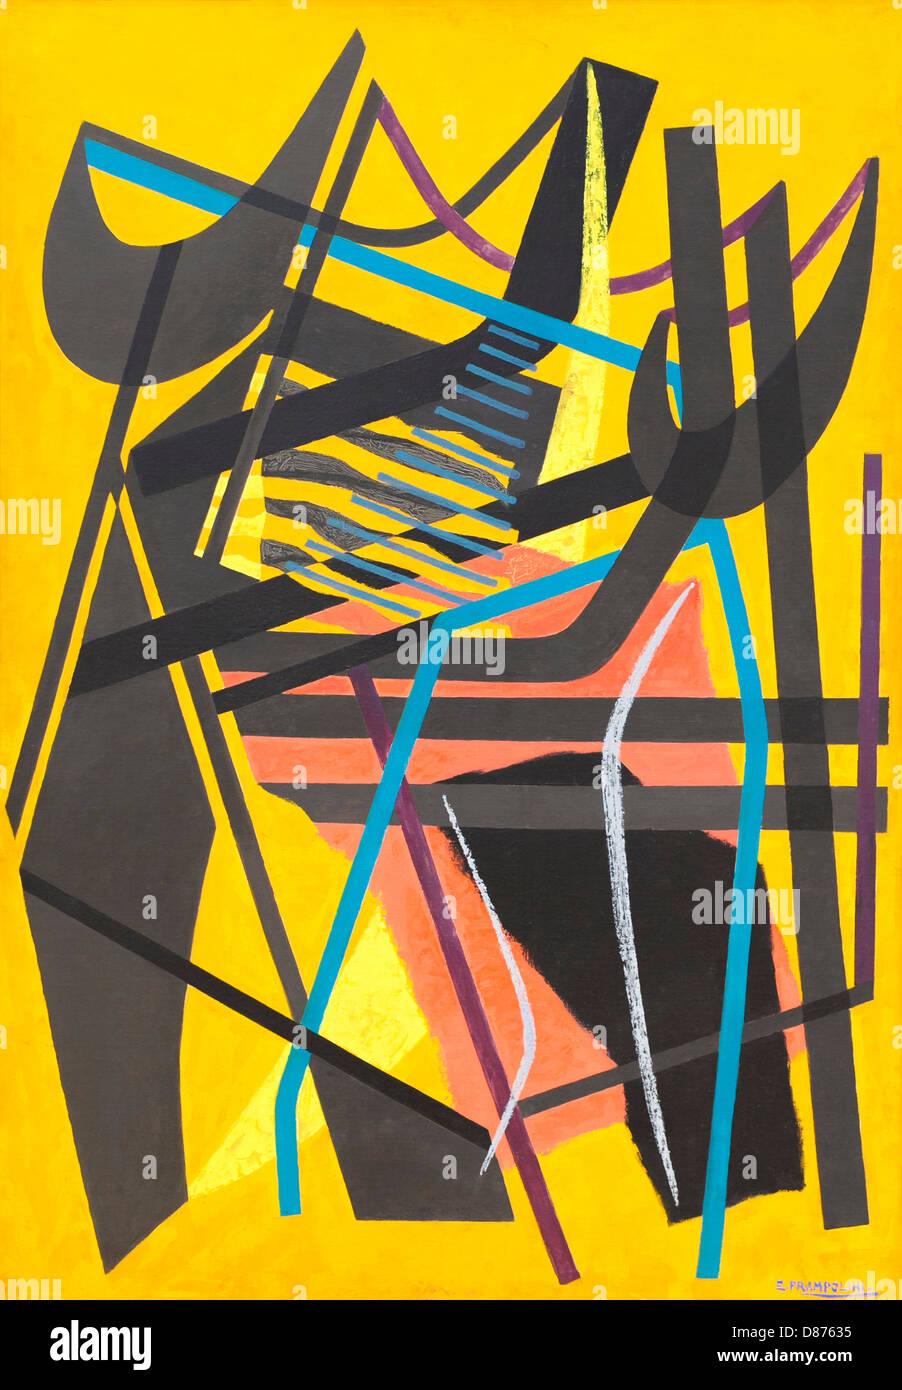 Tensión abstracta tensioni astratte número 1 (n. 1), Enrico prampolini Imagen De Stock